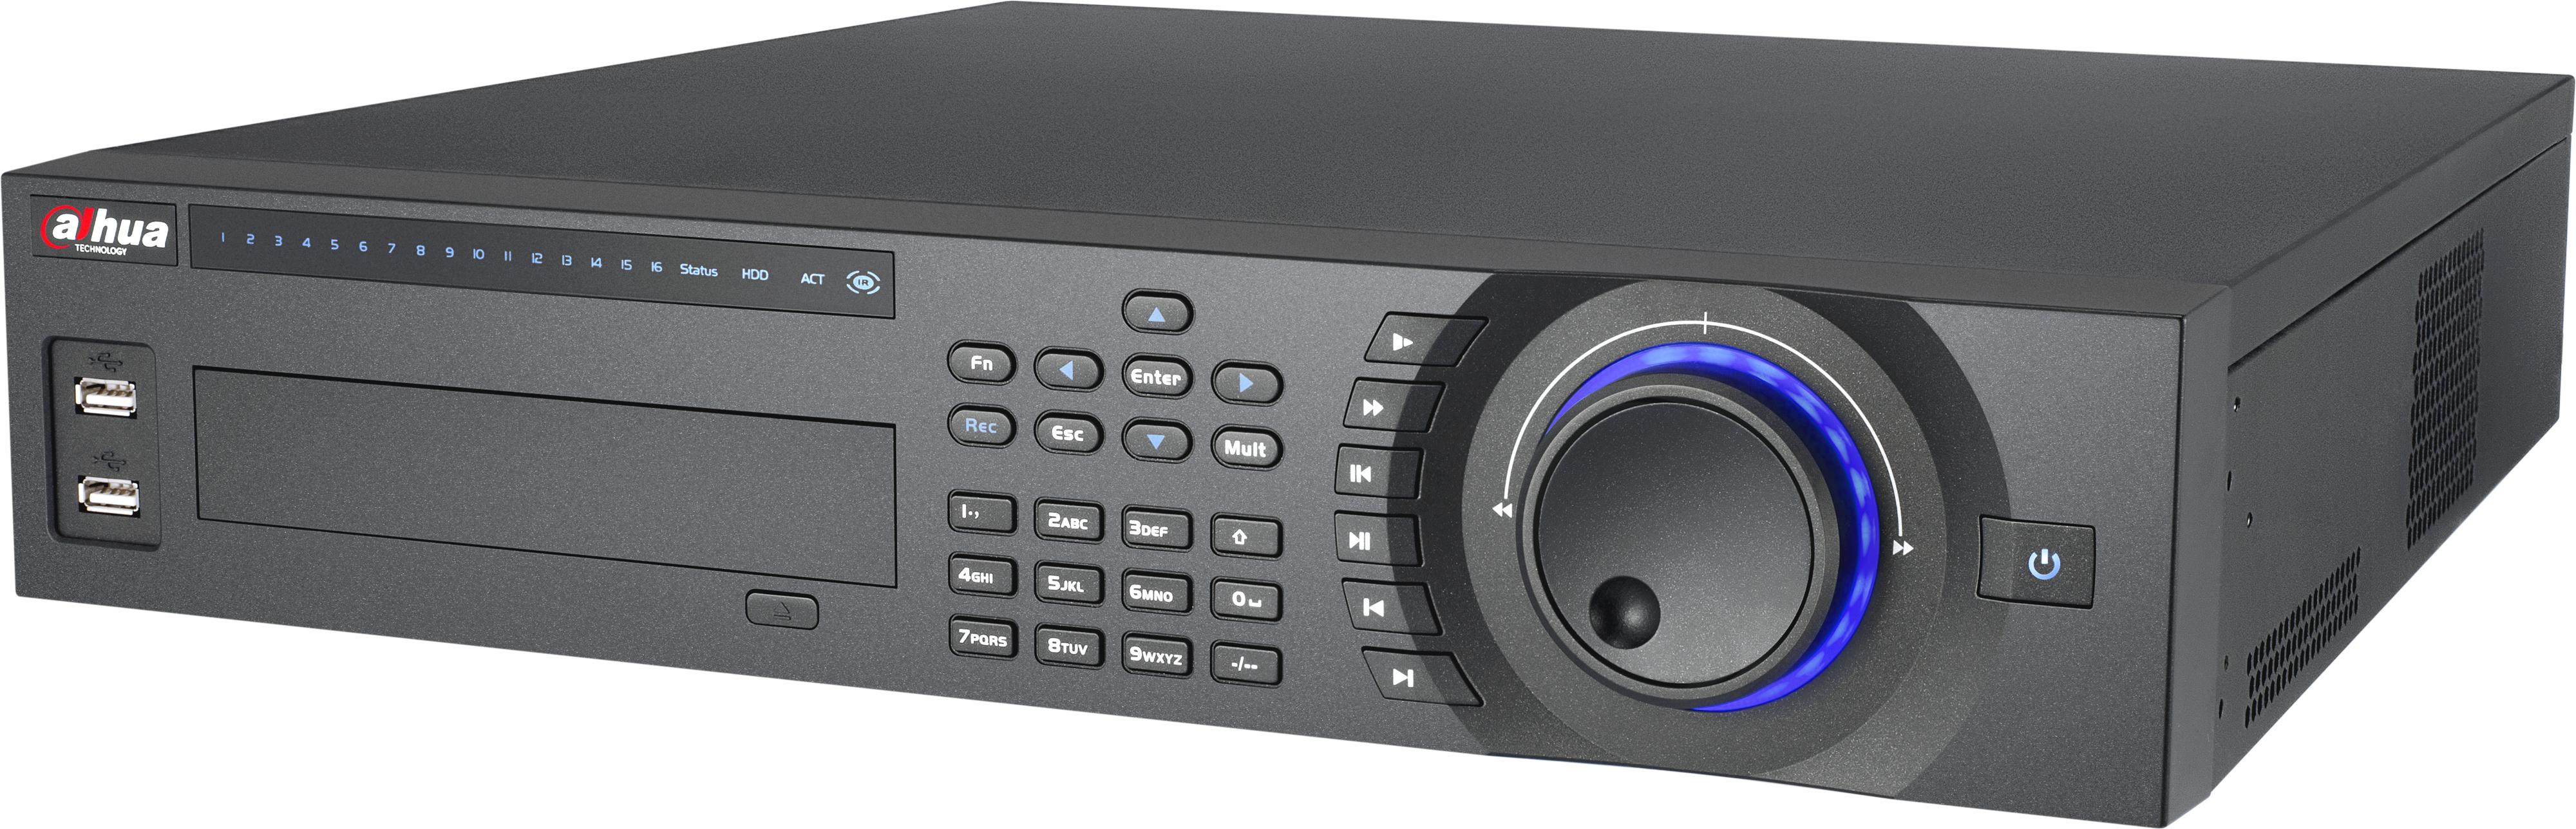 32 канален мрежов рекордер Dahua NVR4832